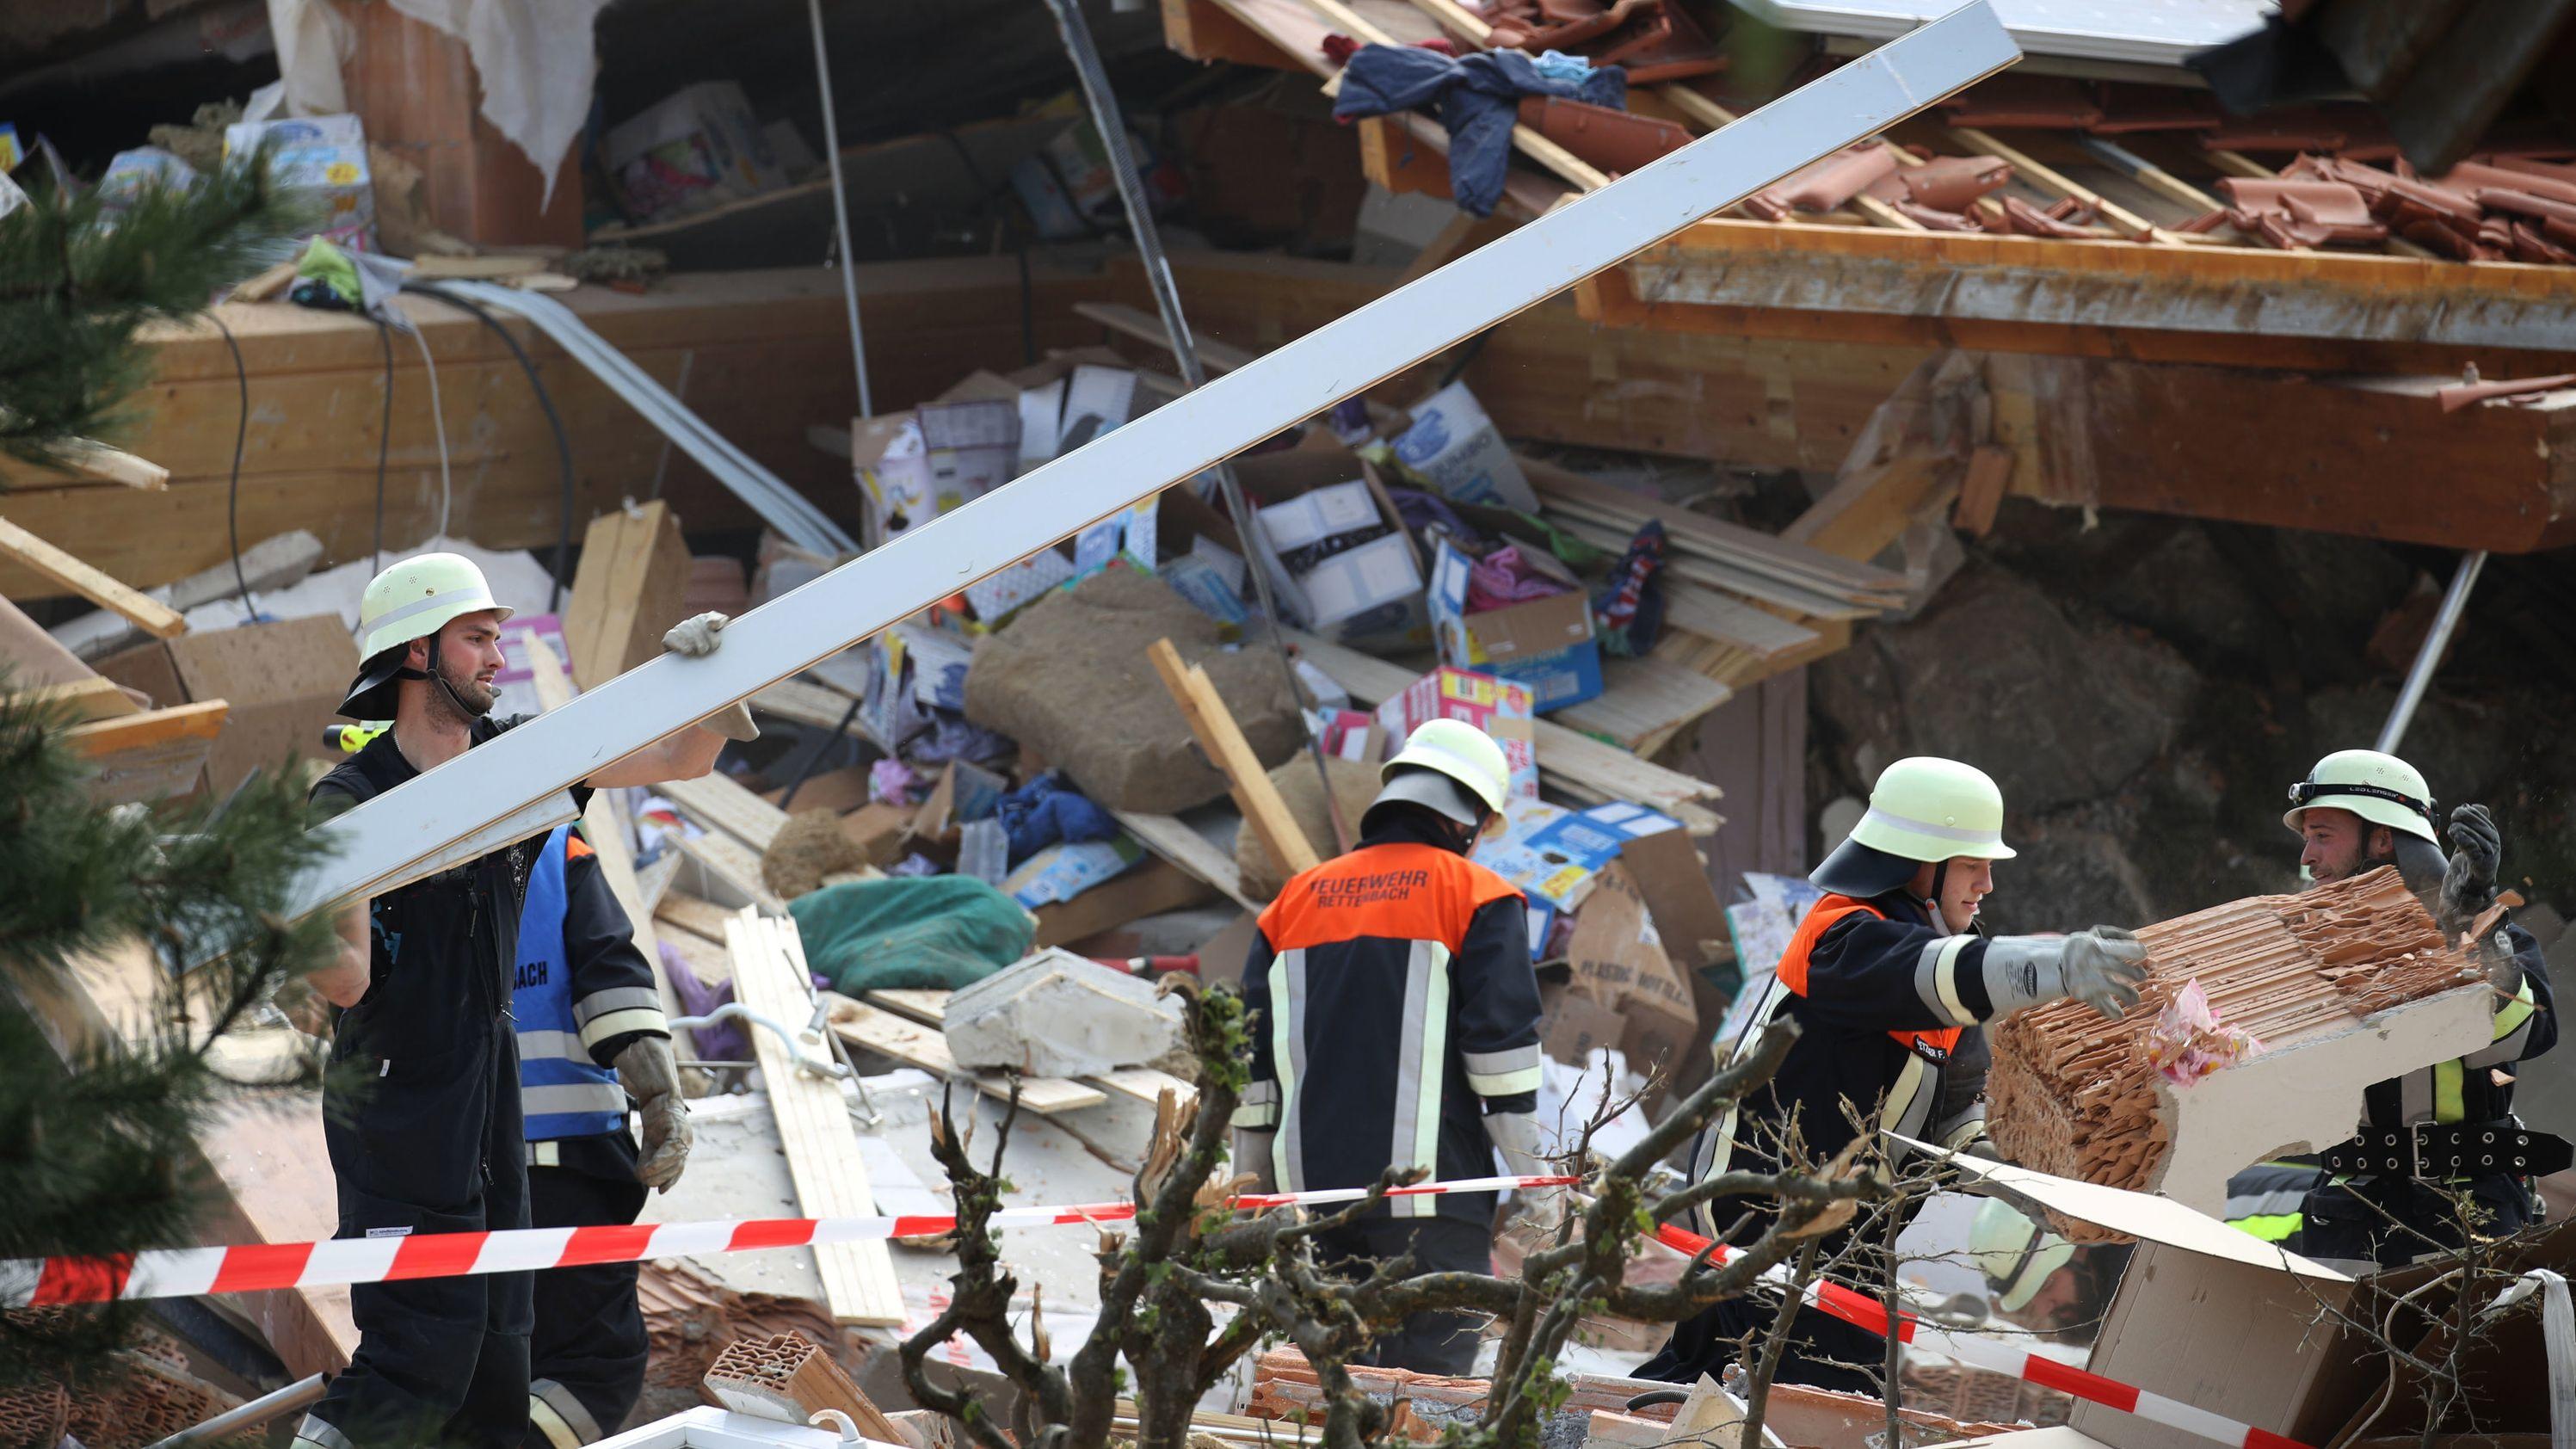 Nach der Explosion eines Hauses in Rettenbach ist eine schwer verletzte Frau geborgen worden. Ihr Kind und ihr Mann werden vermisst.